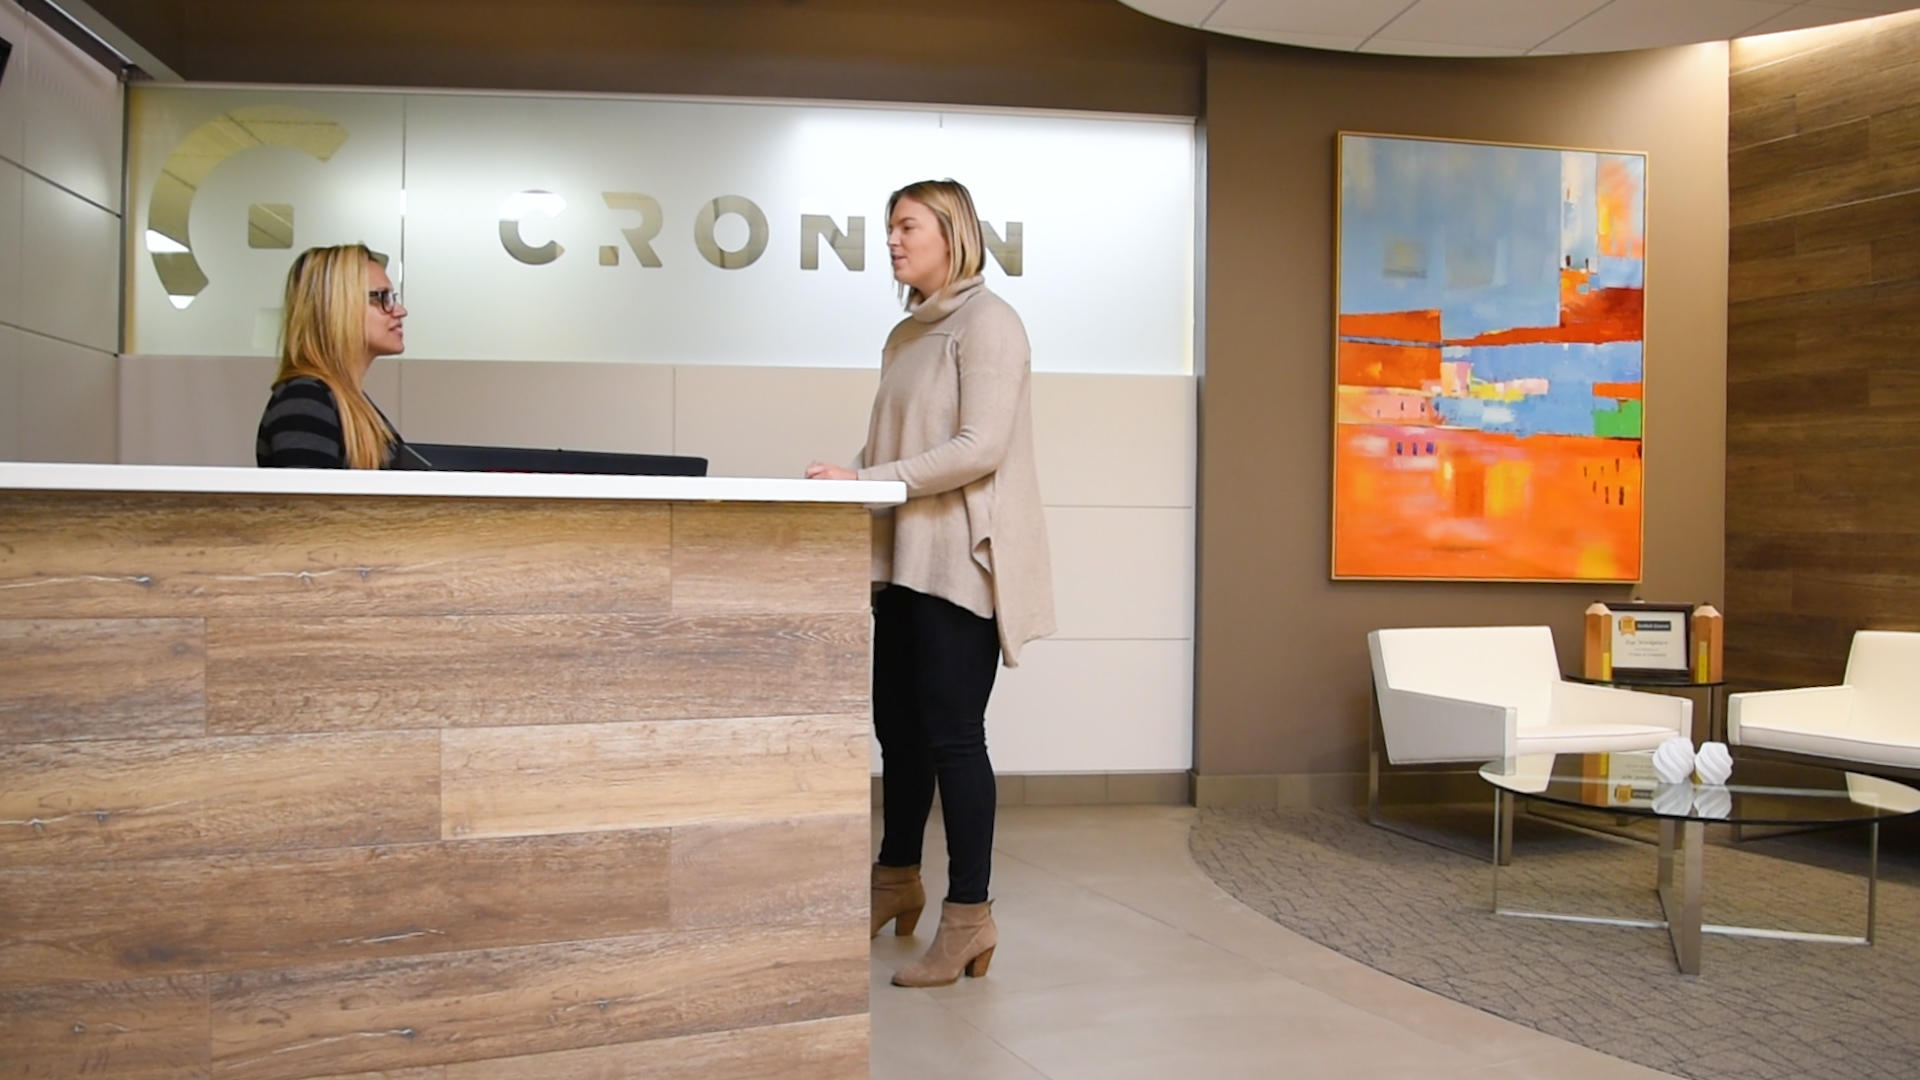 Cronin image 1